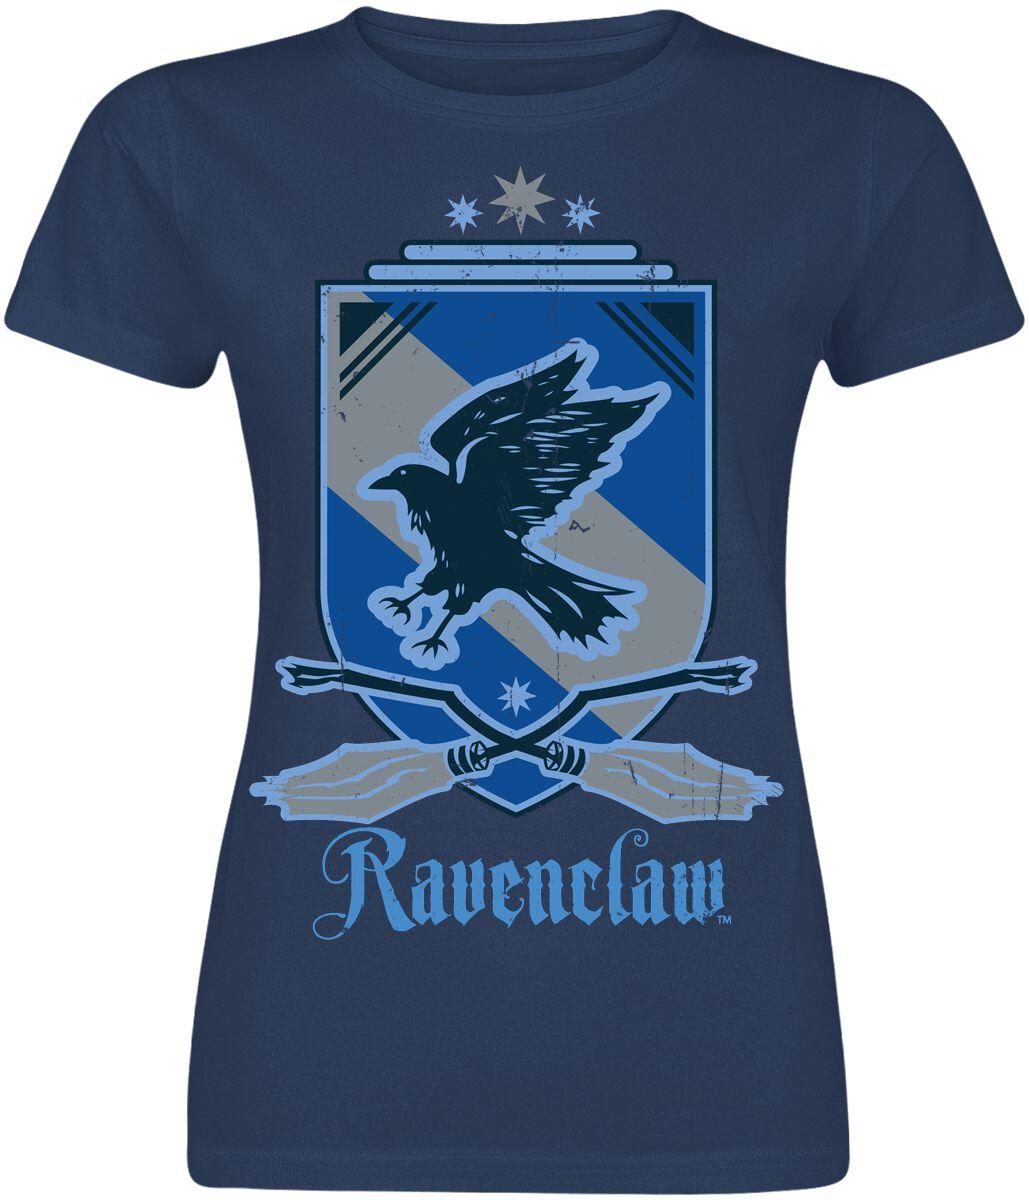 Harry Potter Ravenclaw T-Shirt navy WB-5-HP013-H76-1-NV-XL